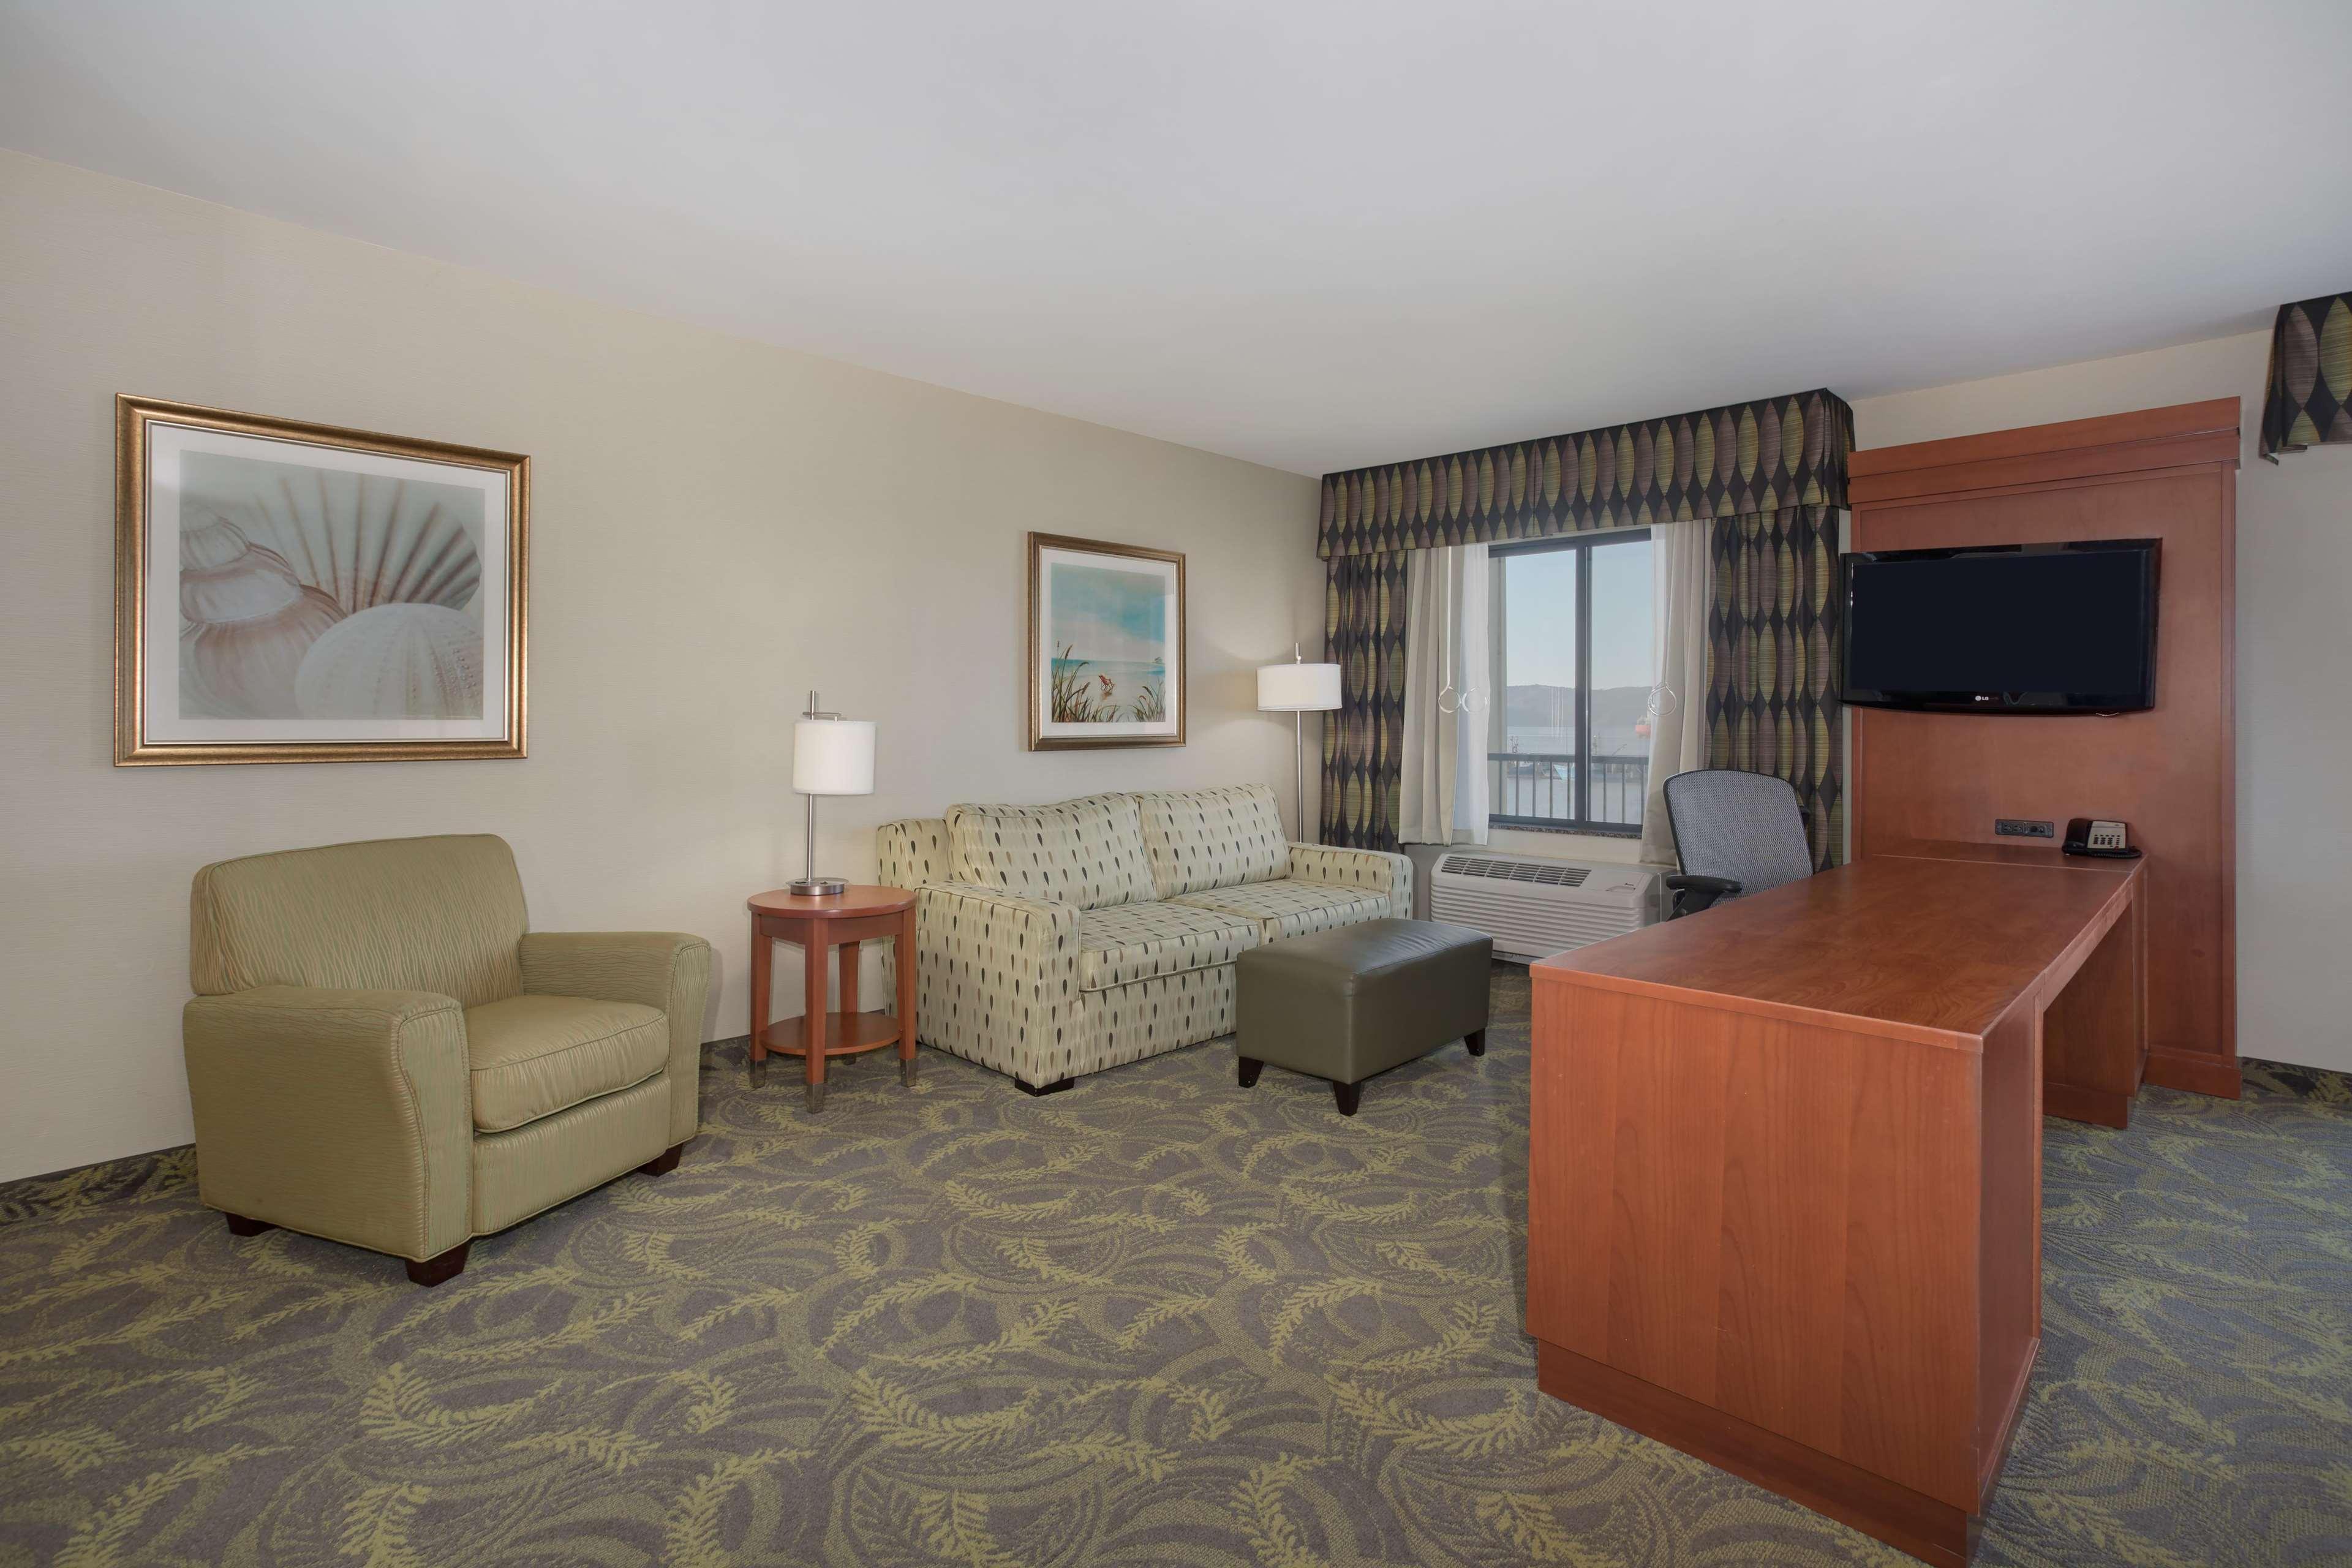 Hampton Inn & Suites Astoria image 43